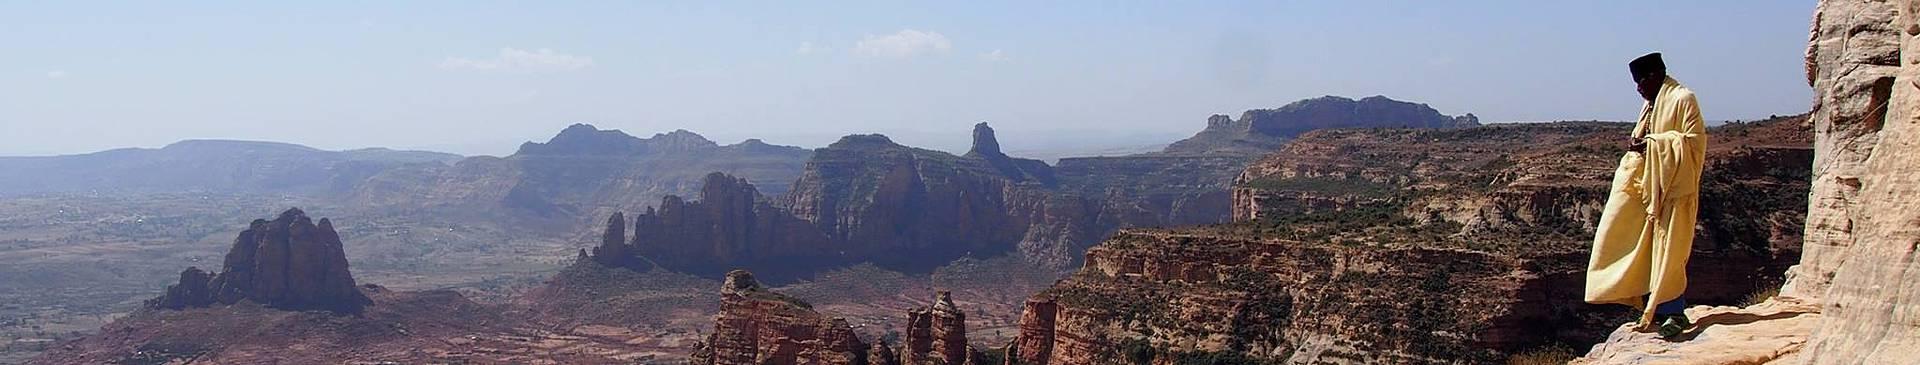 Naturreisen Äthiopien